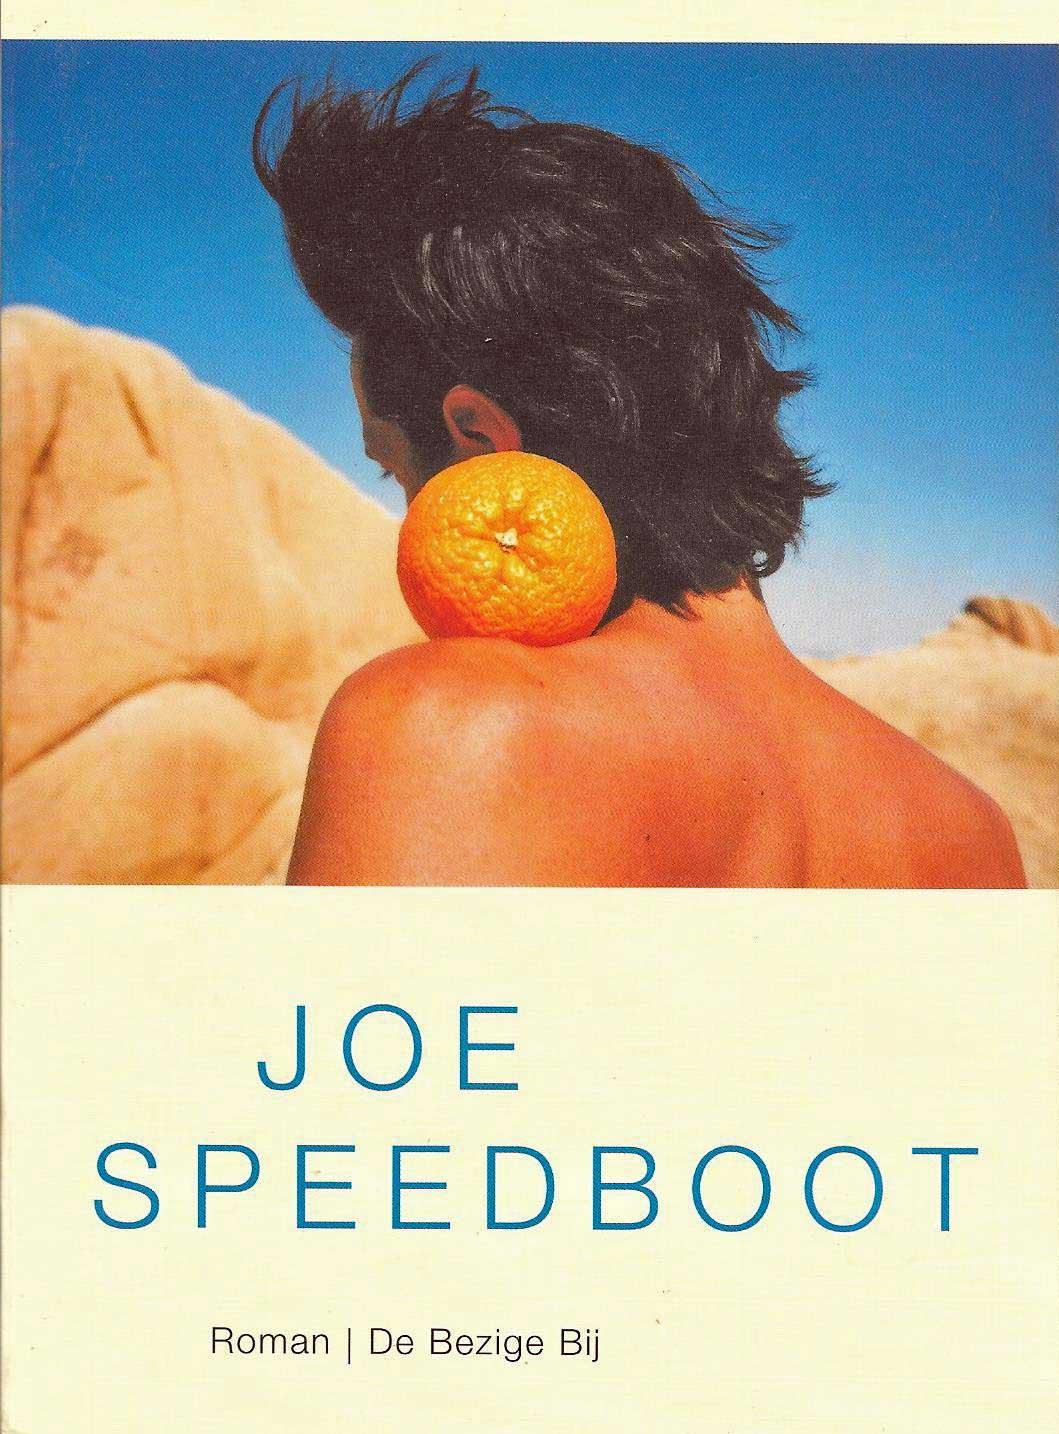 https://pratenoverromanfragmenten.nl/wp-content/uploads/2015/12/Voorpagina-12-Joe-Speedboot.jpg